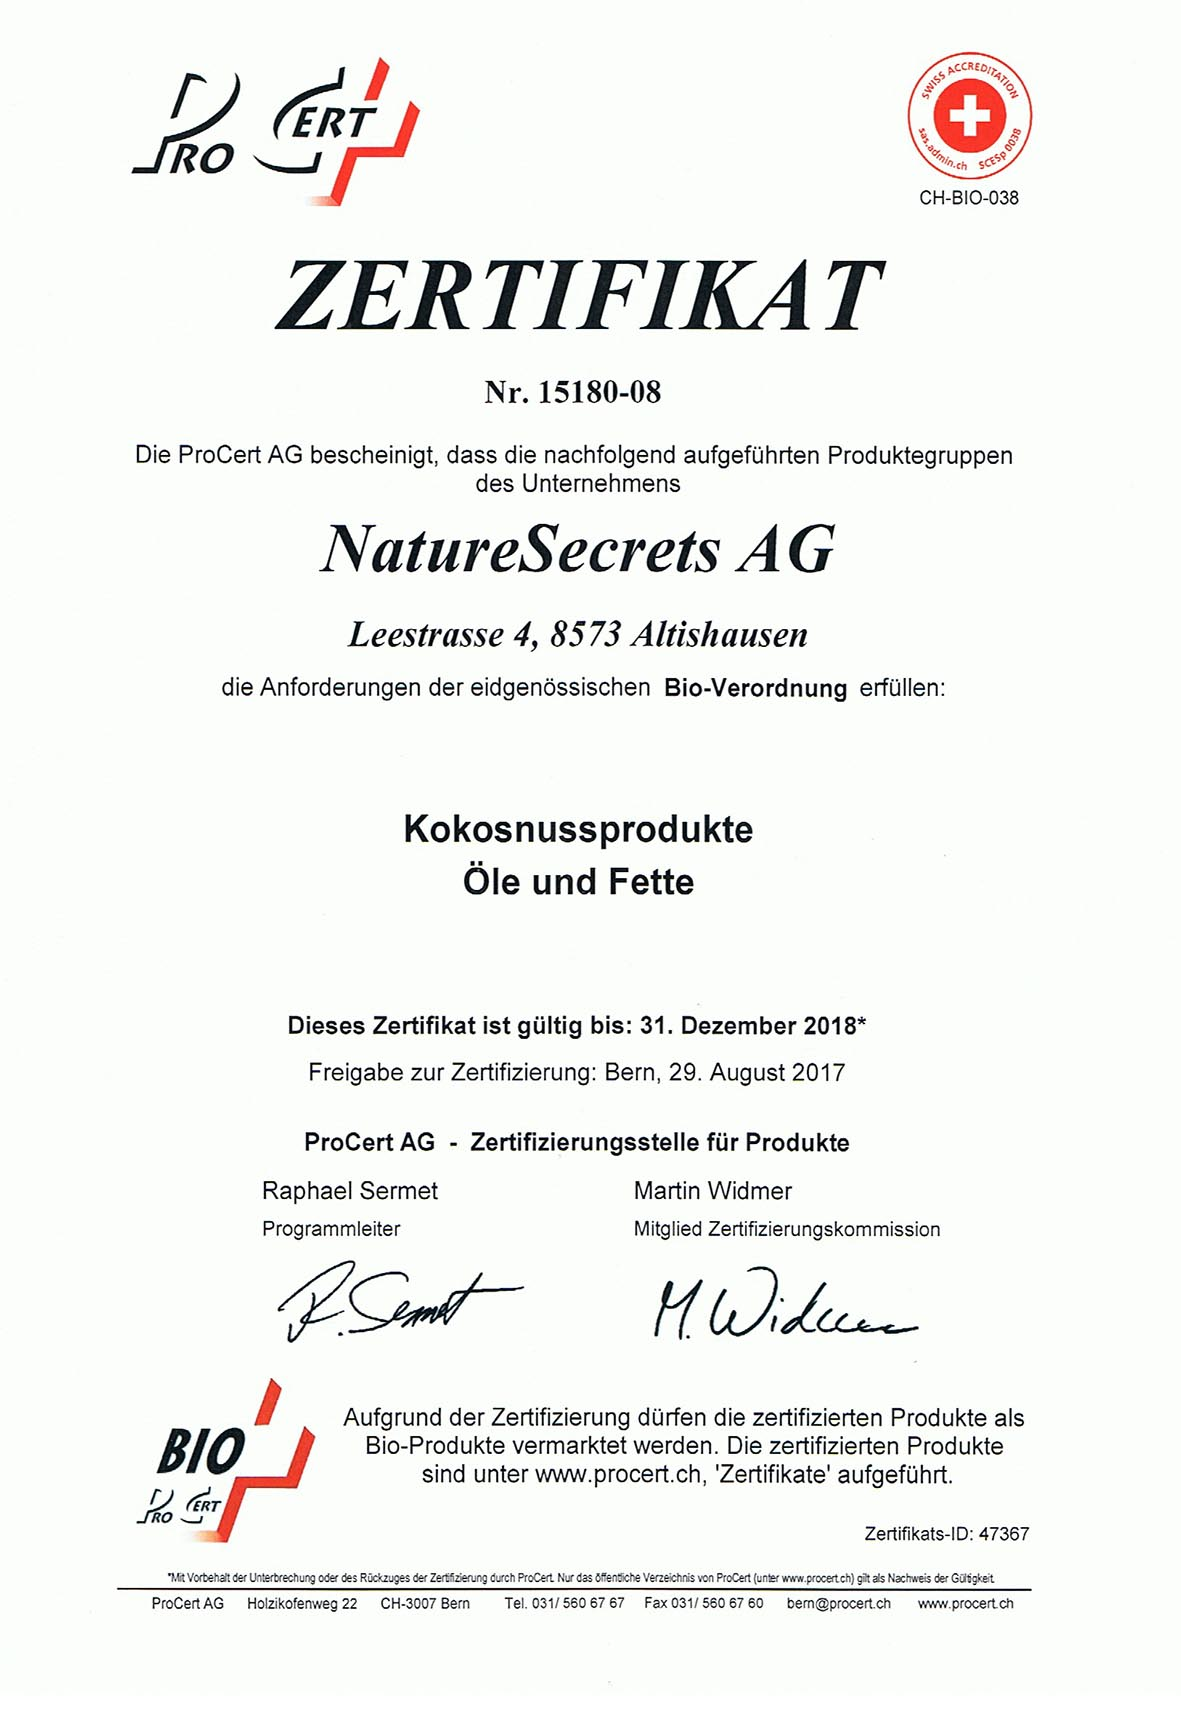 Bio-Zertifikat - Naturesecrets AG, Kaltgepresstes